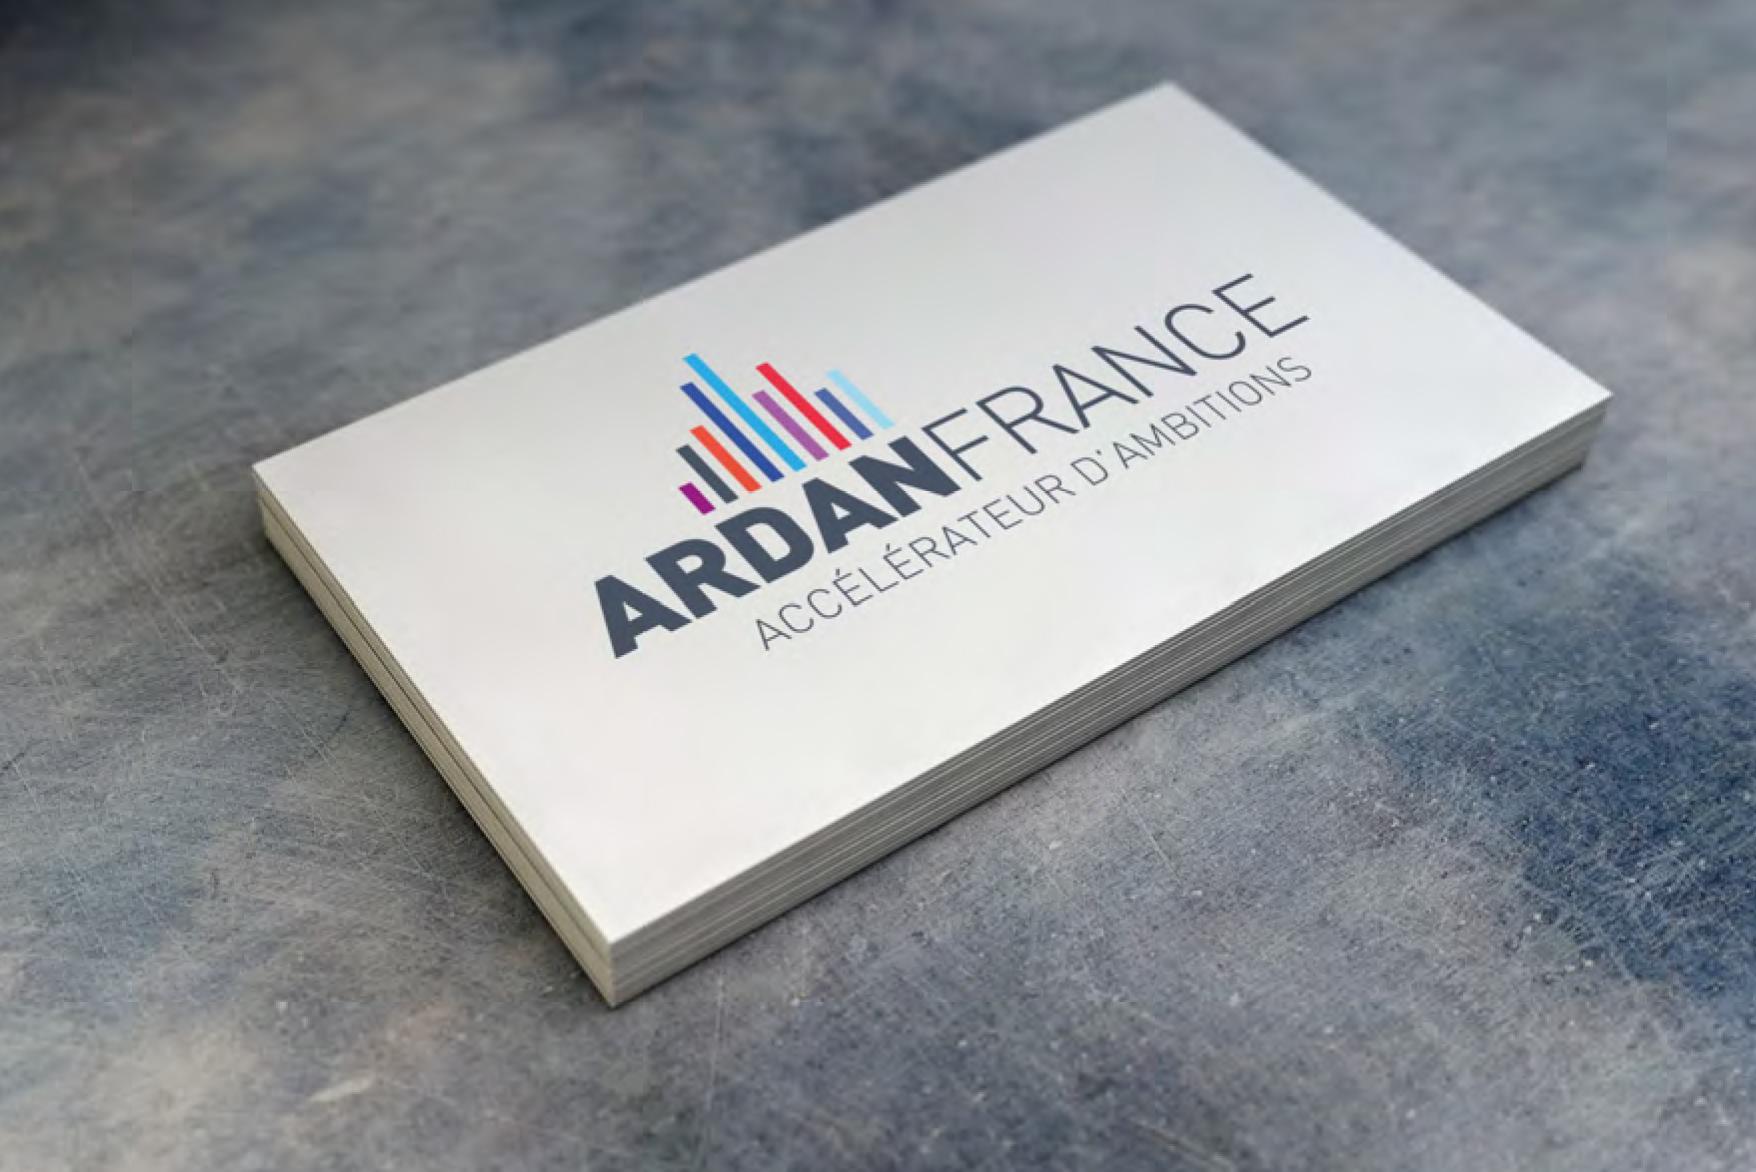 ardan-france